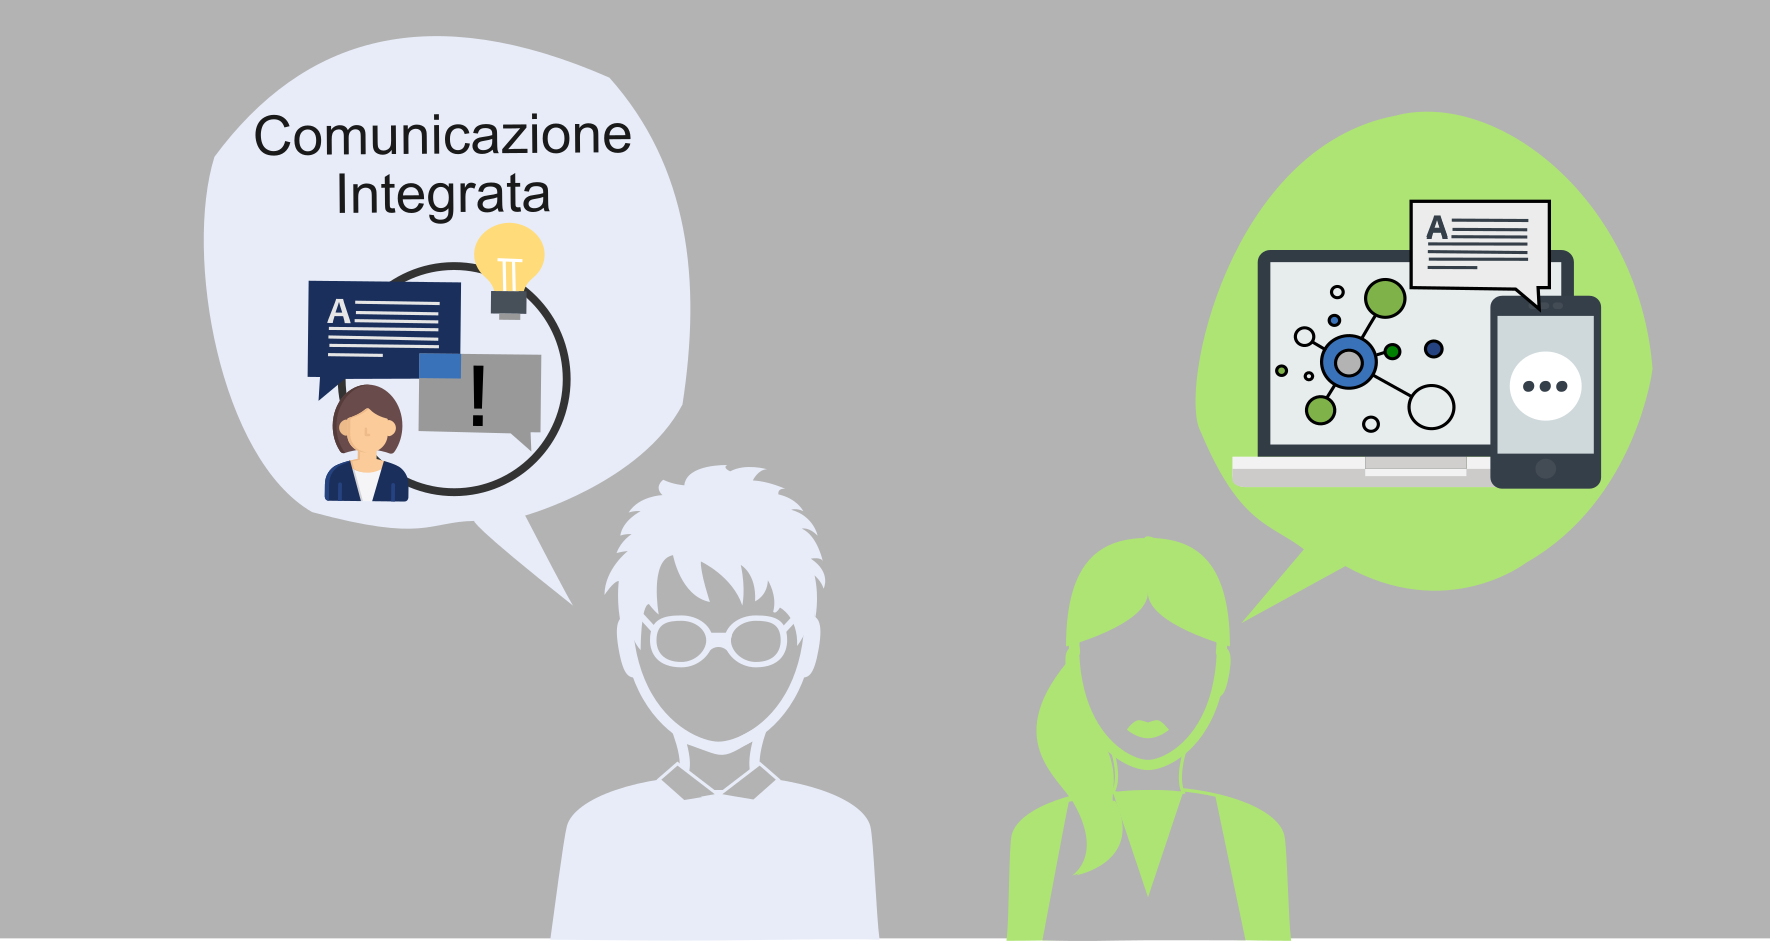 Cosa_vuol_dire_com_integrata